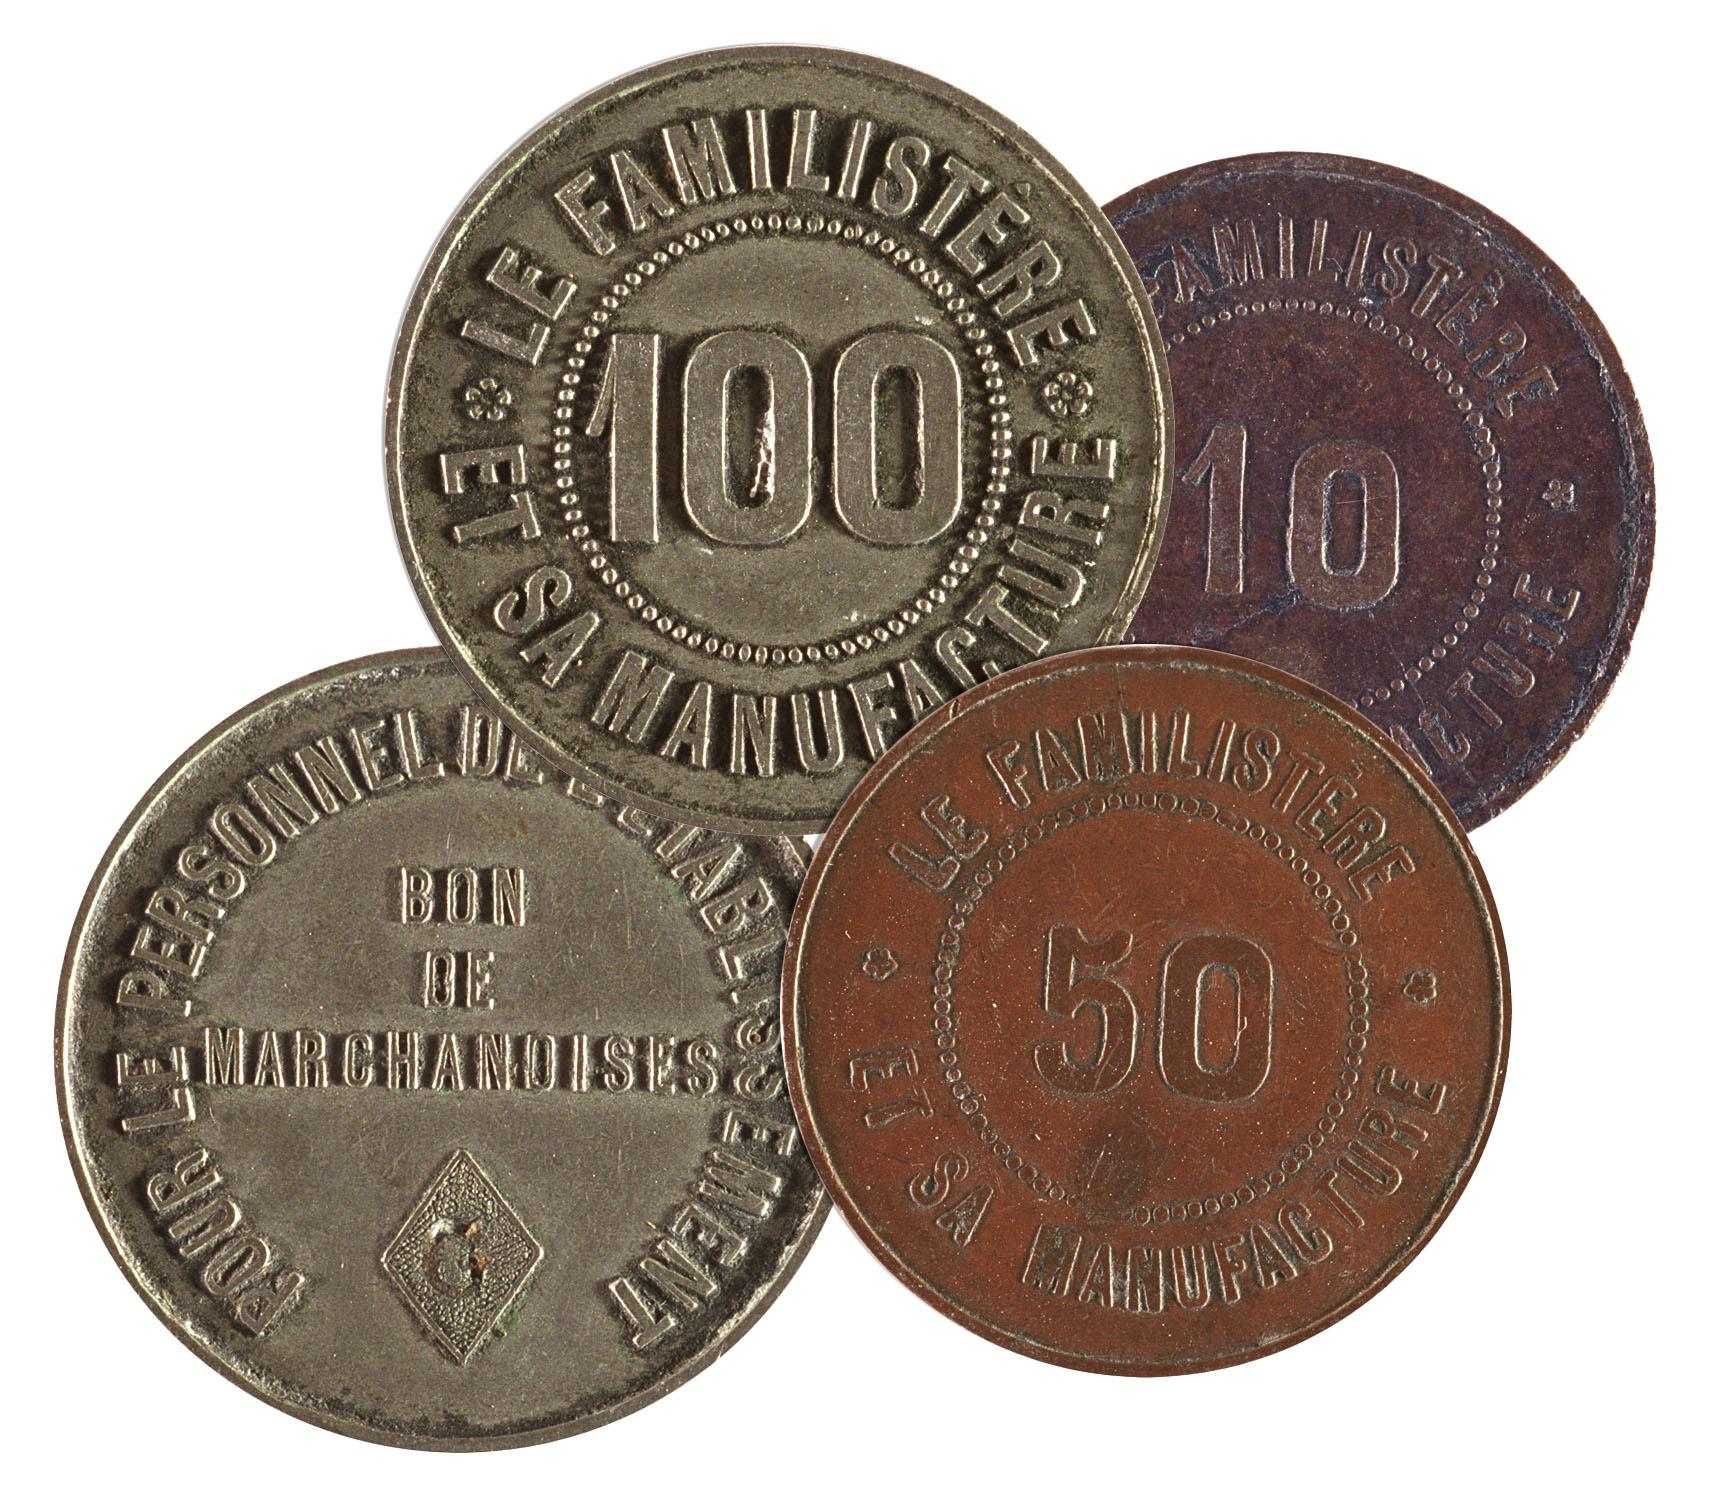 Ces bons de marchandises étaient une monnaie du Familistère.